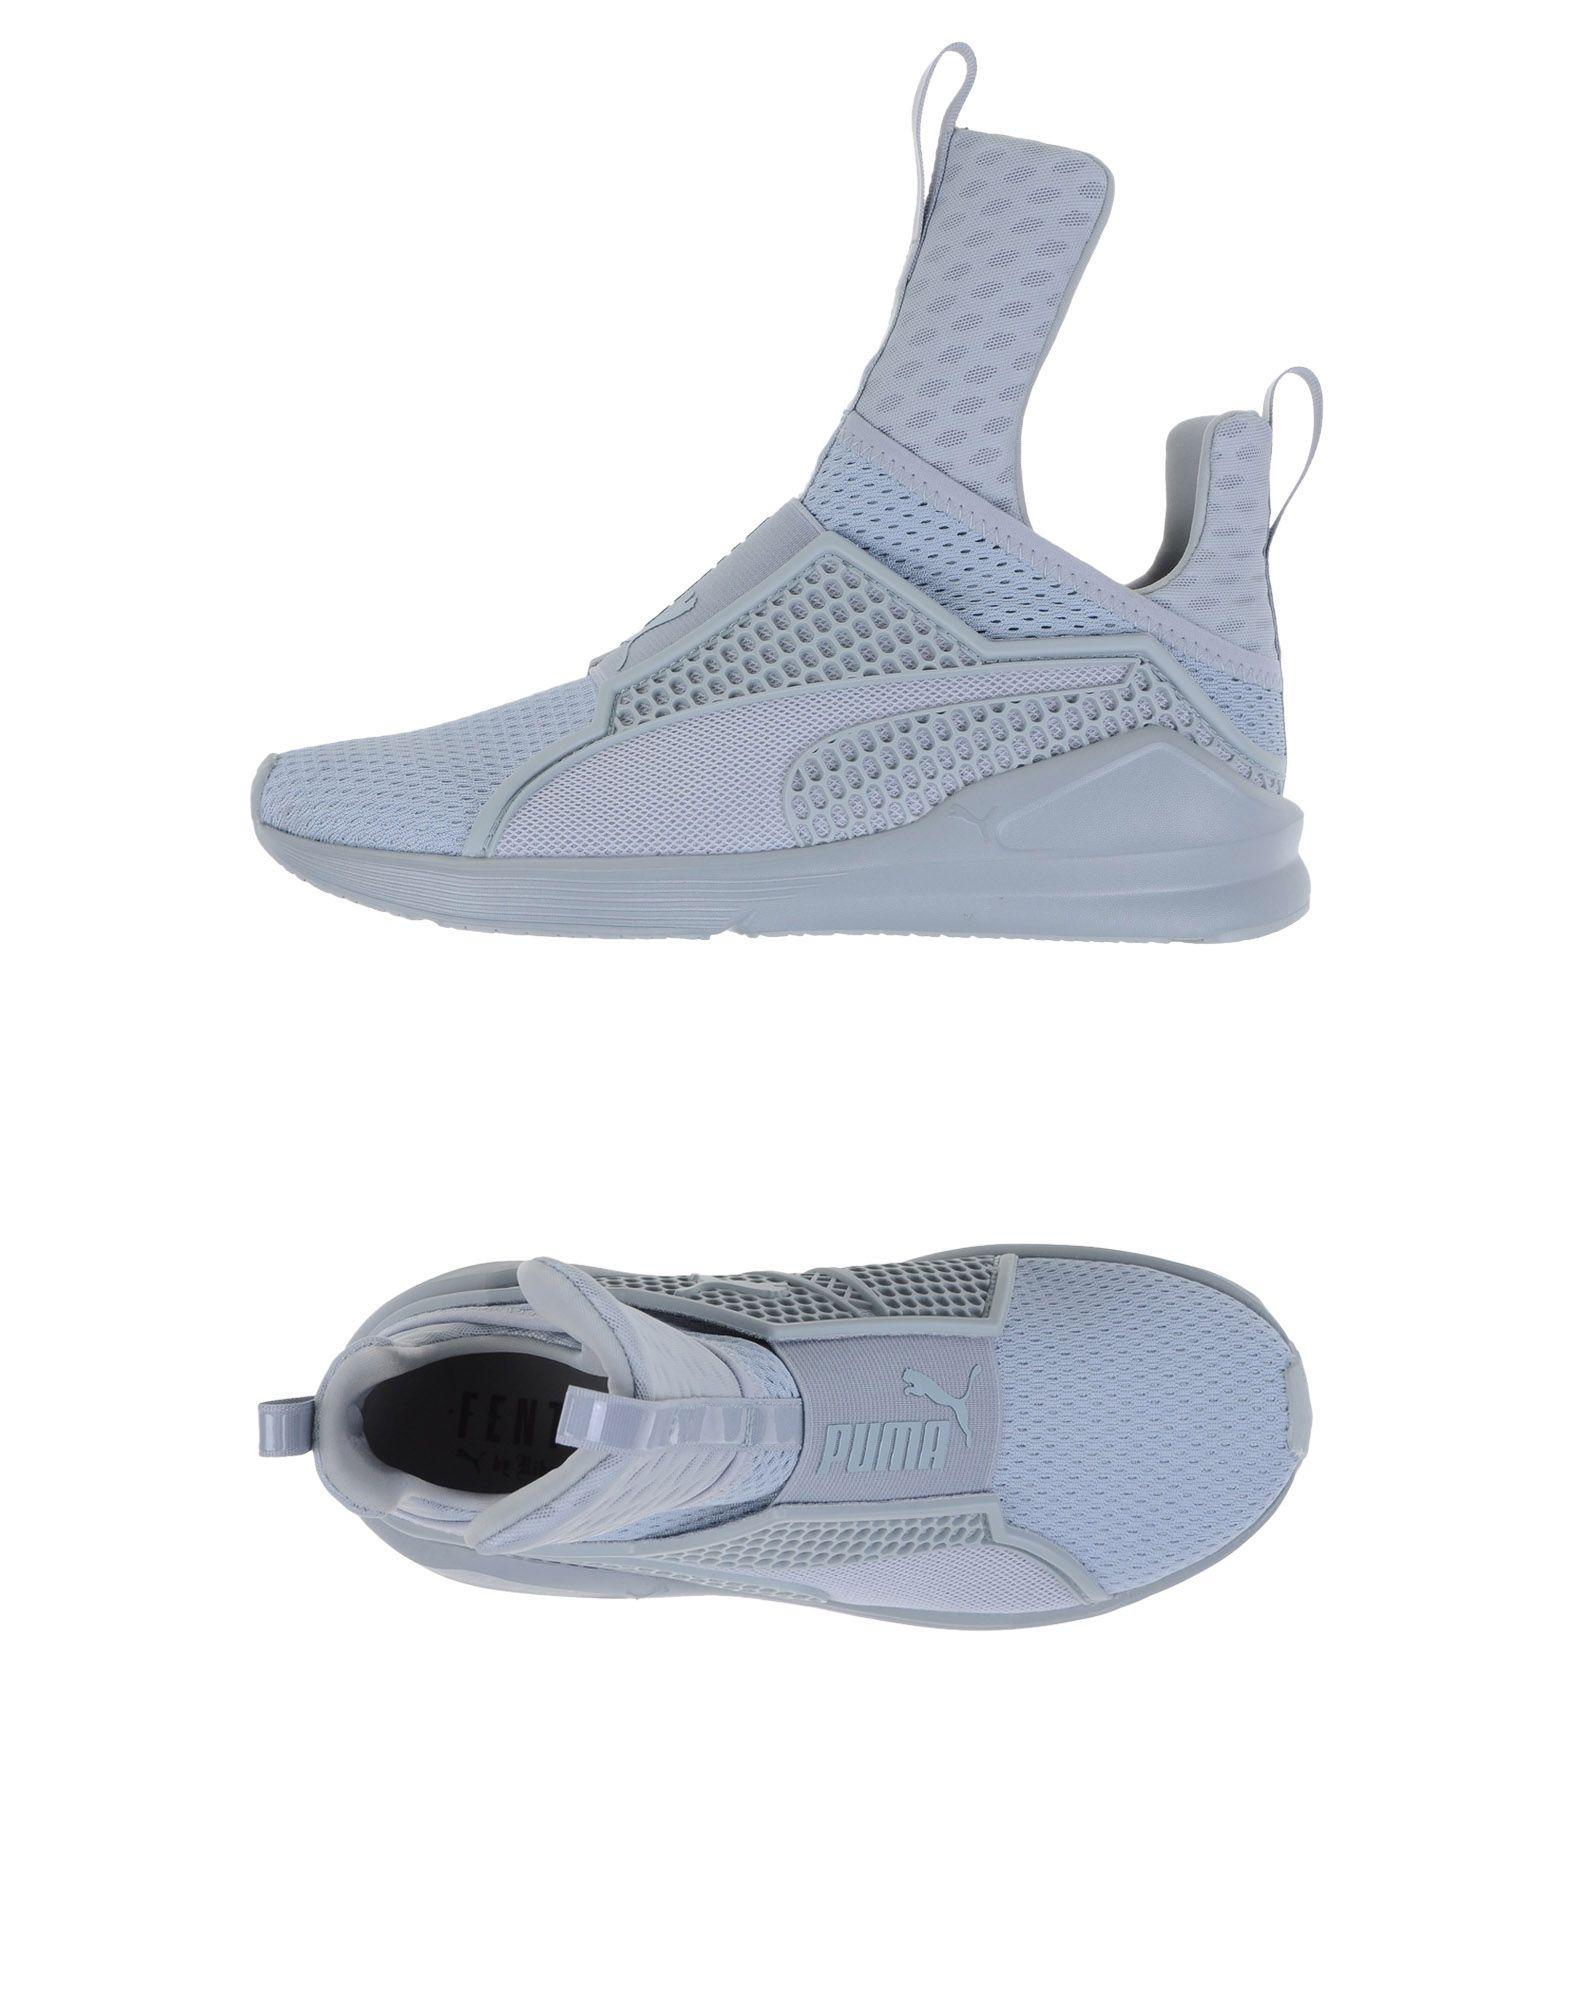 innovative design 143ec a2b00 FENTY PUMA by RIHANNA Sneakers - Footwear | YOOX.COM